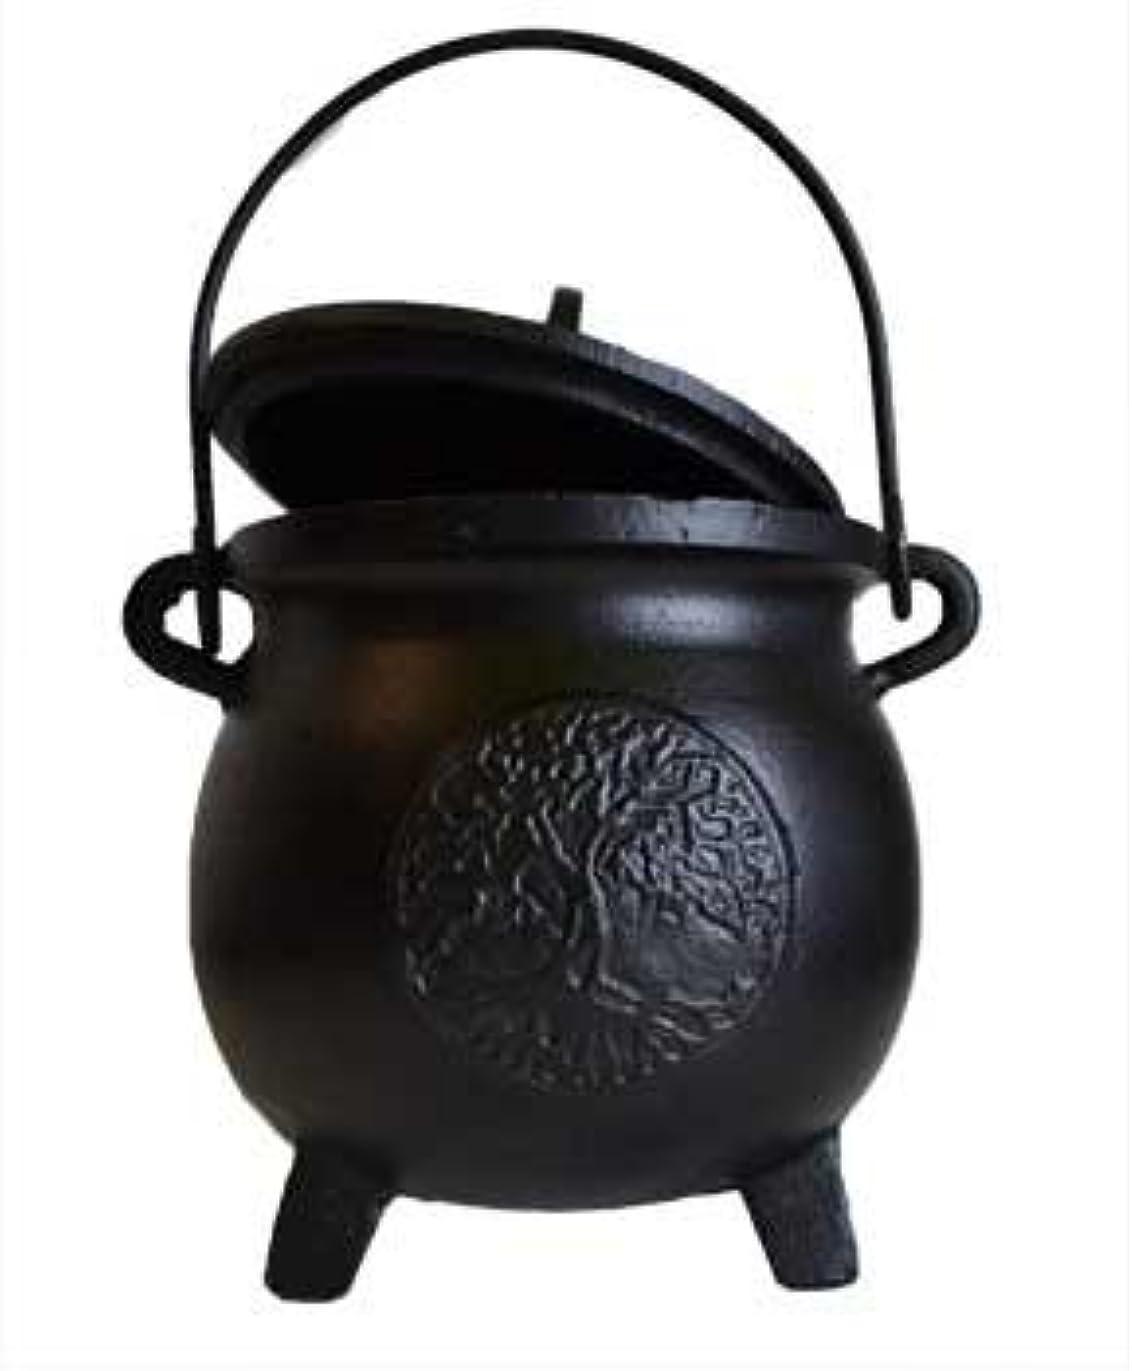 発表バースト文芸Home Fragrance Potpourris Cauldrons Tree of Life鋳鉄3つ脚でハンドルと蓋Large 8